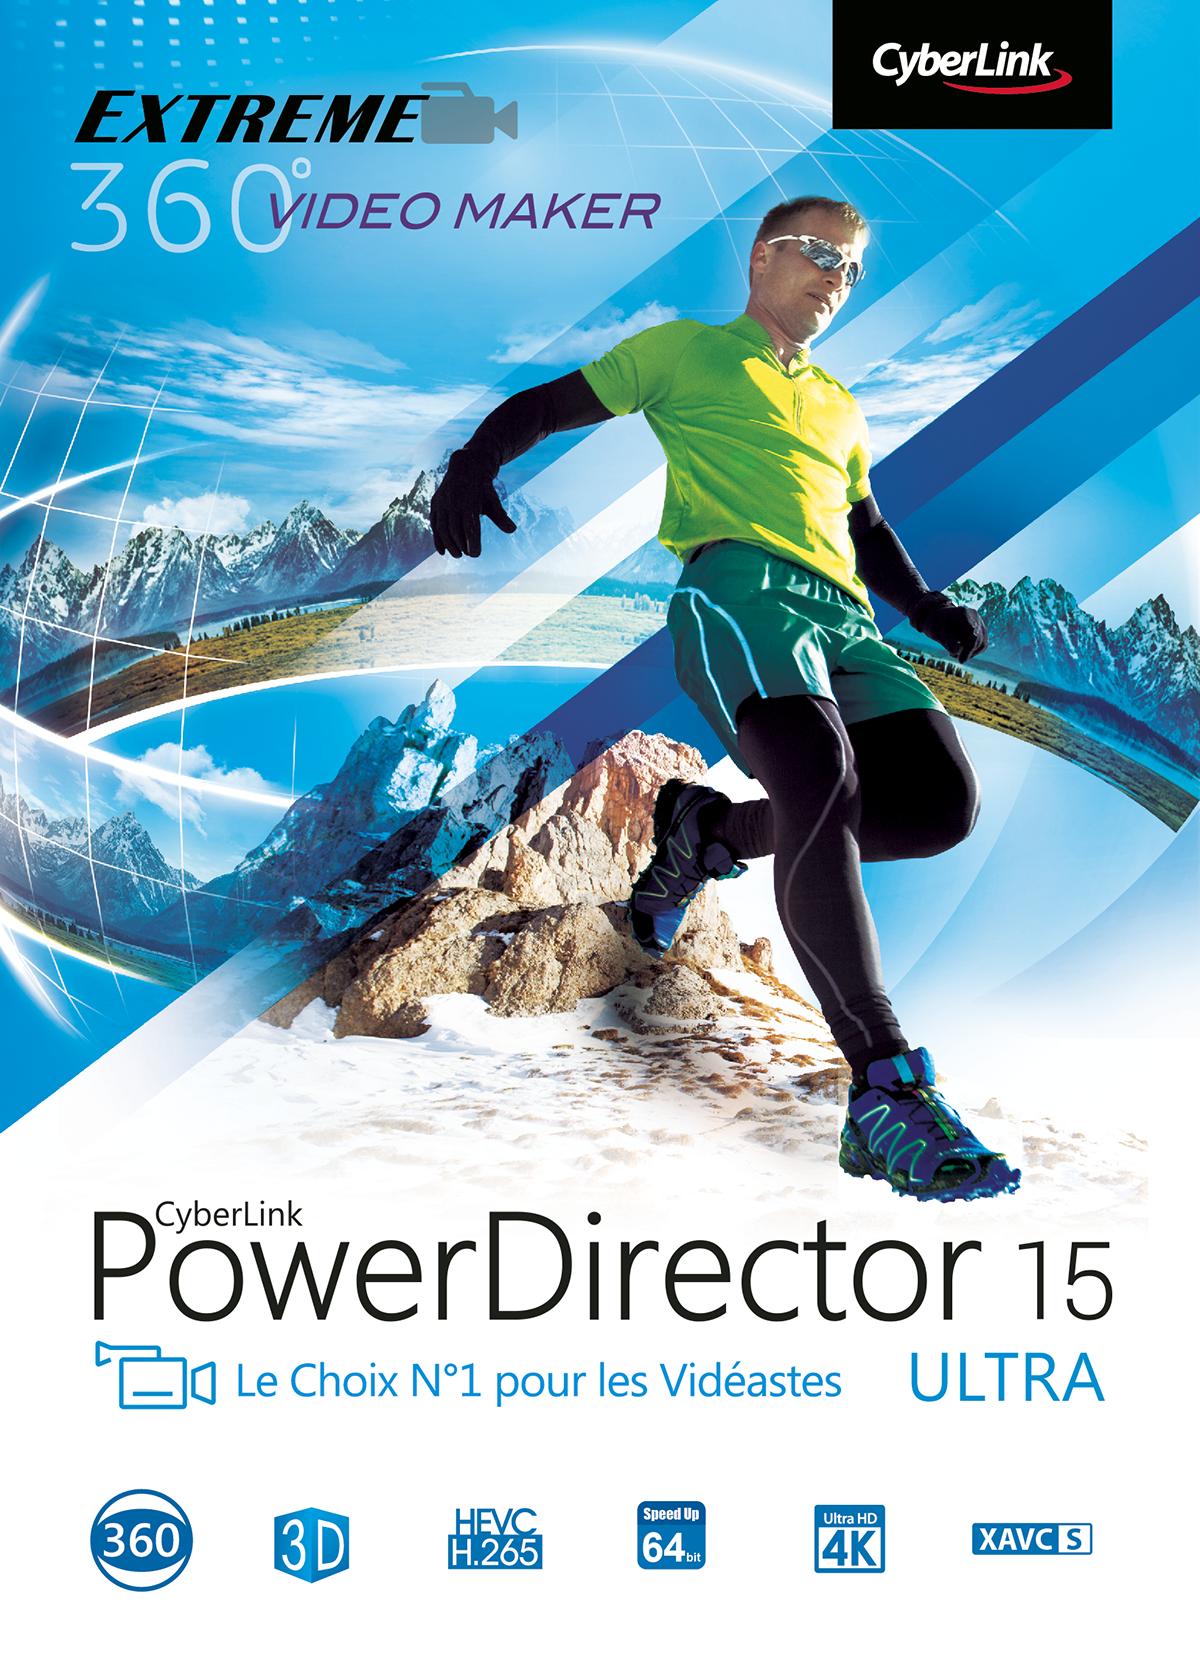 cyberlink-powerdirector-15-ultra-telechargement